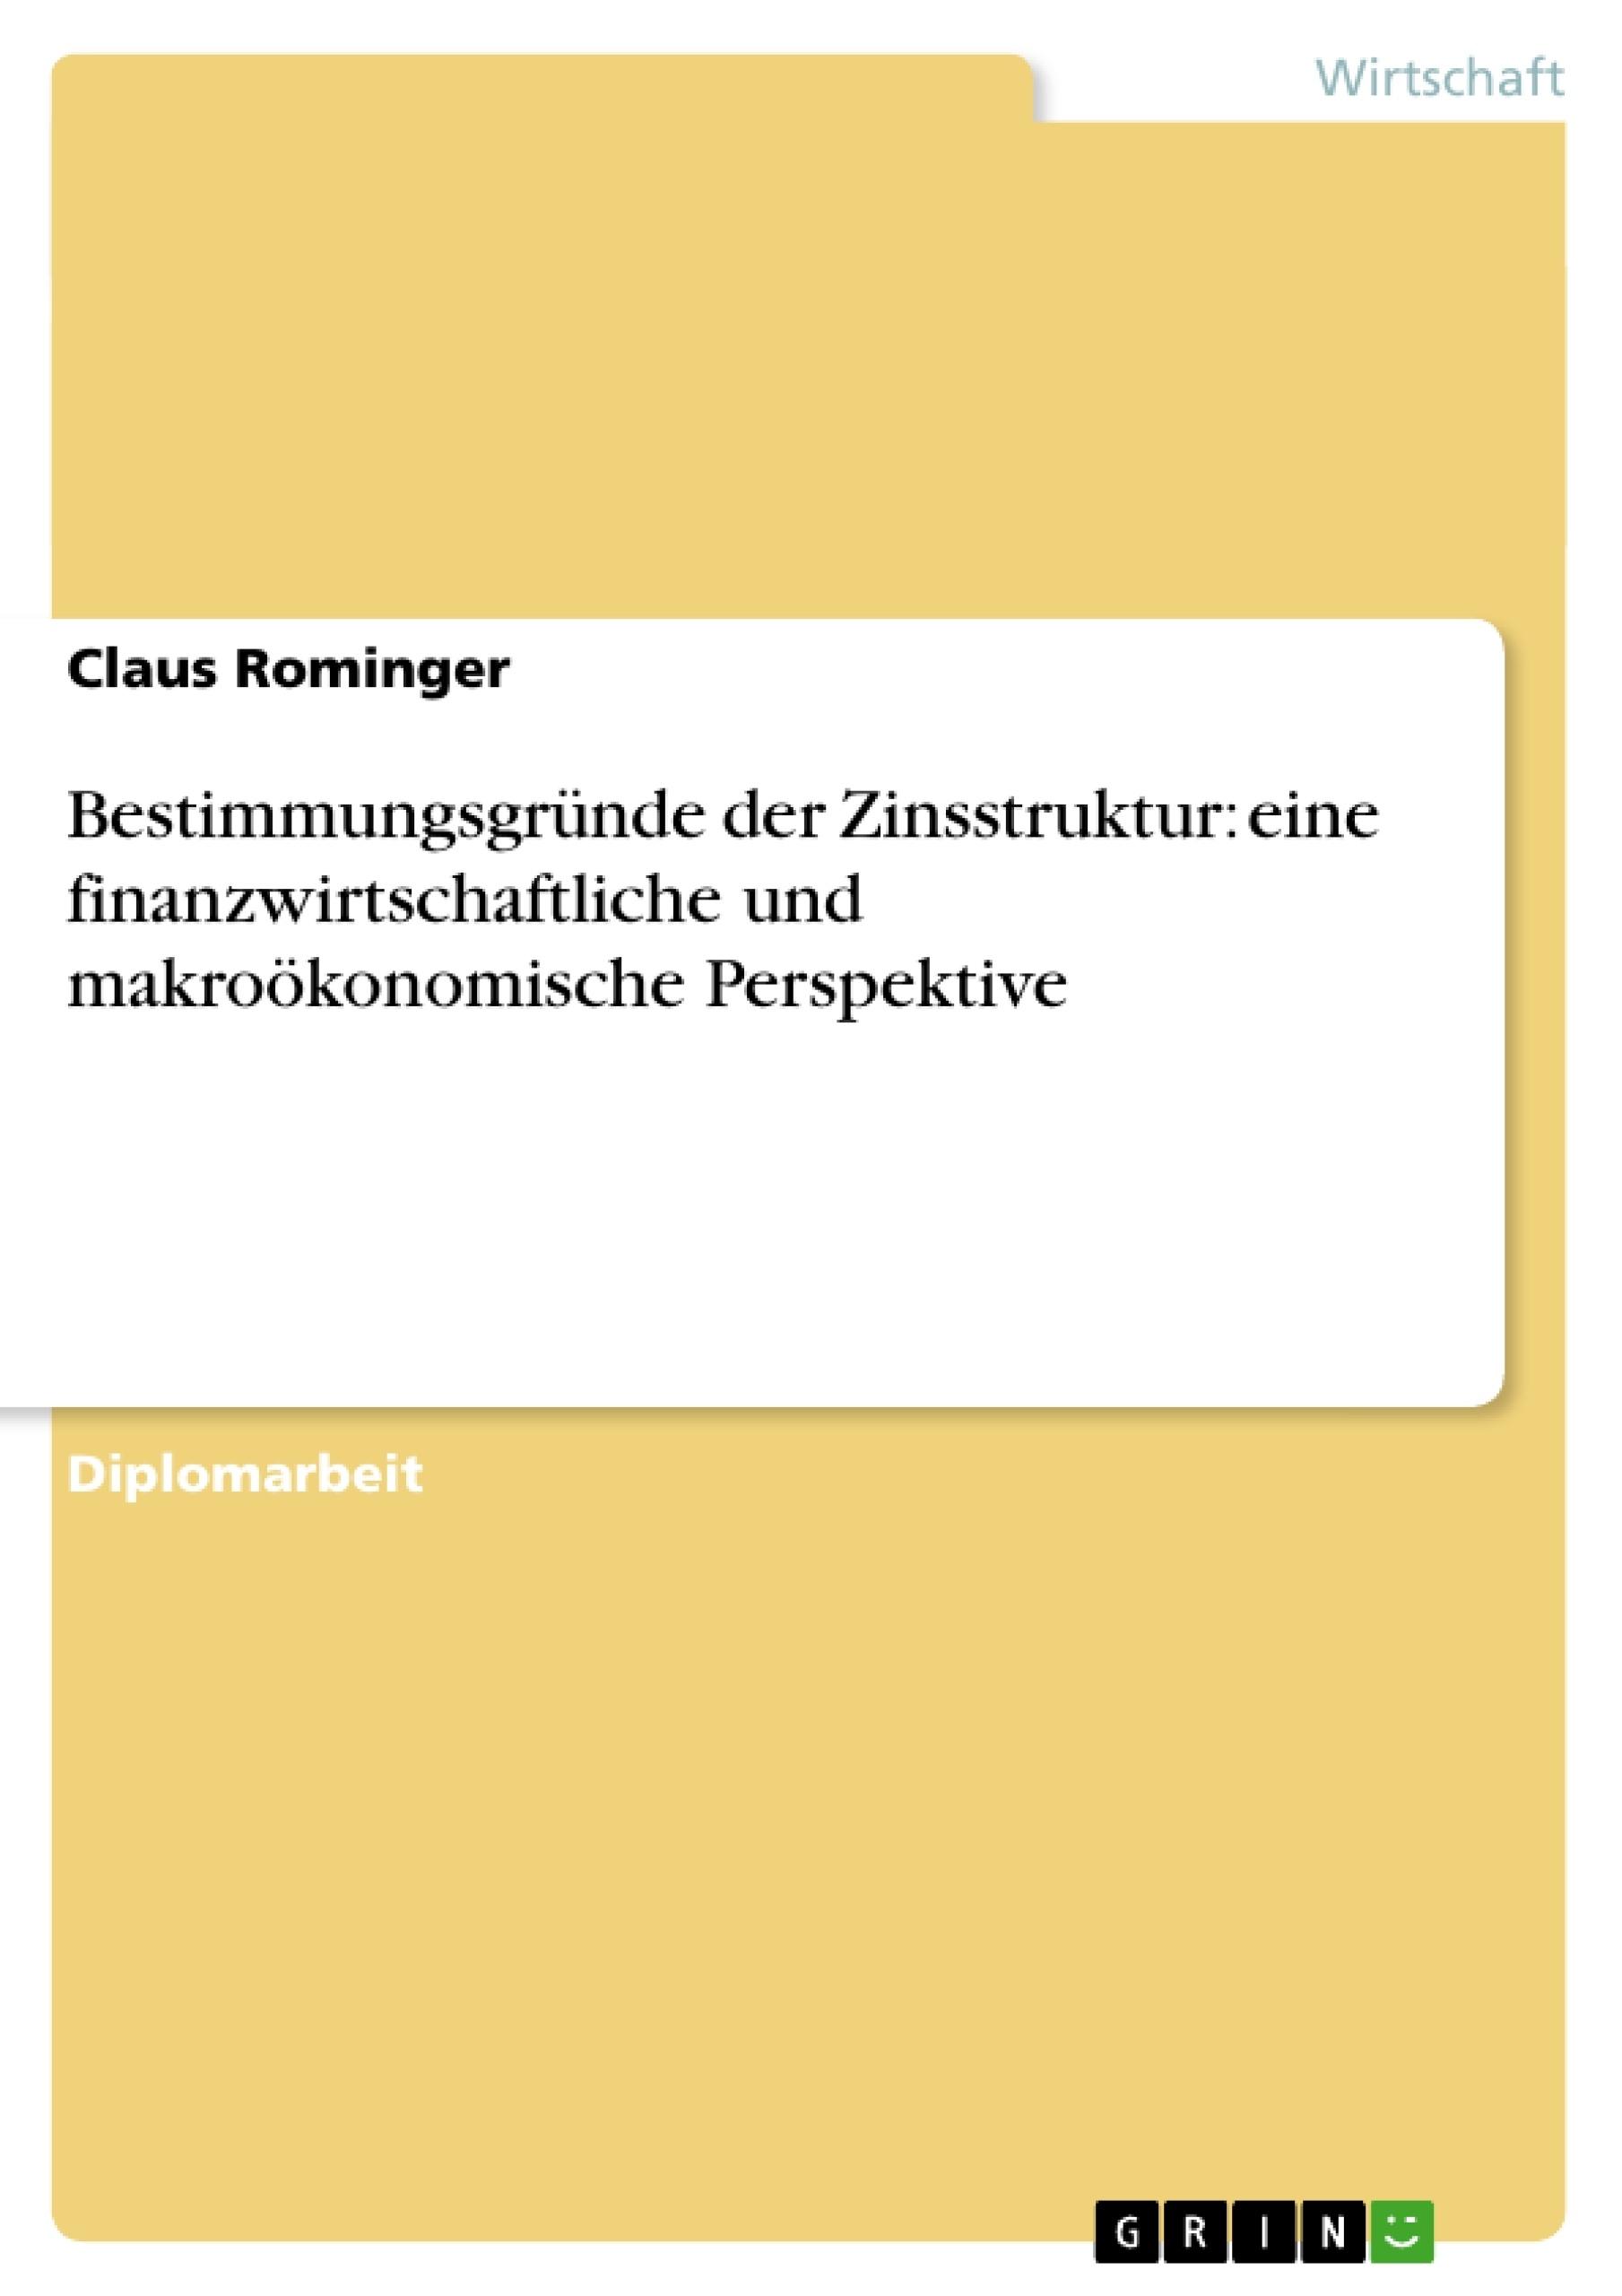 Titel: Bestimmungsgründe der Zinsstruktur: eine finanzwirtschaftliche und makroökonomische Perspektive